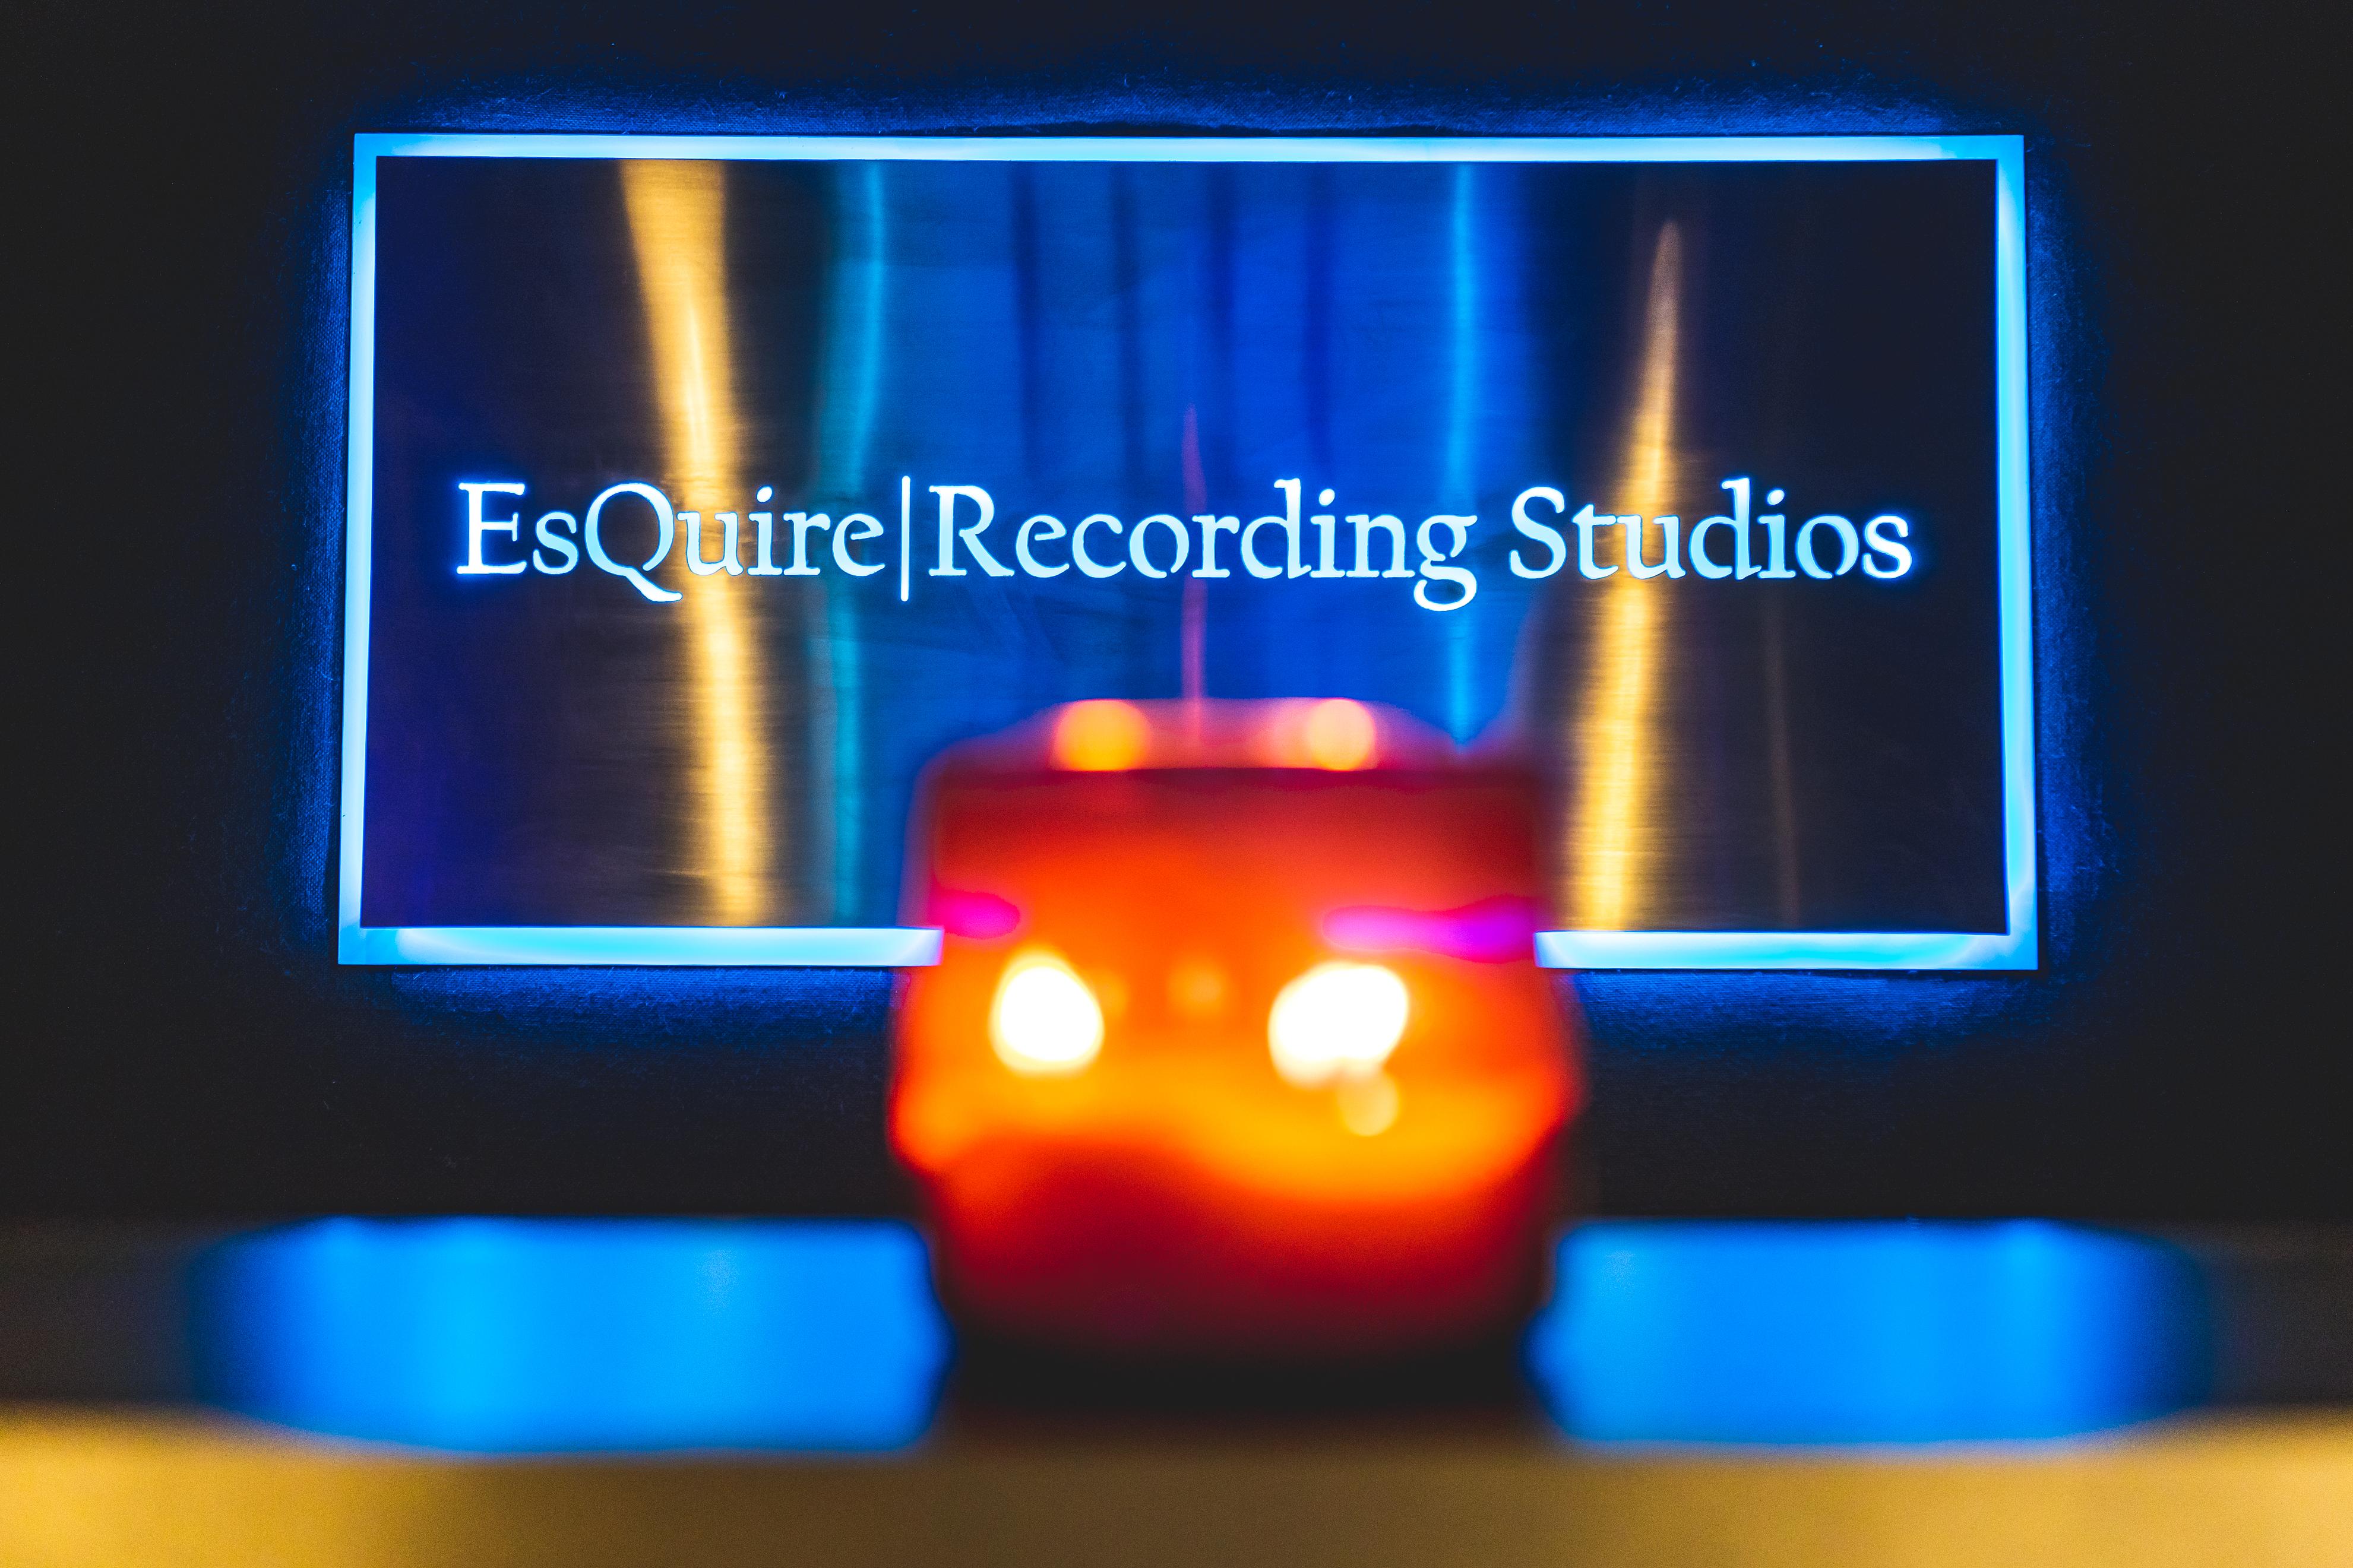 EsQuire Recording Studios Custom Sign